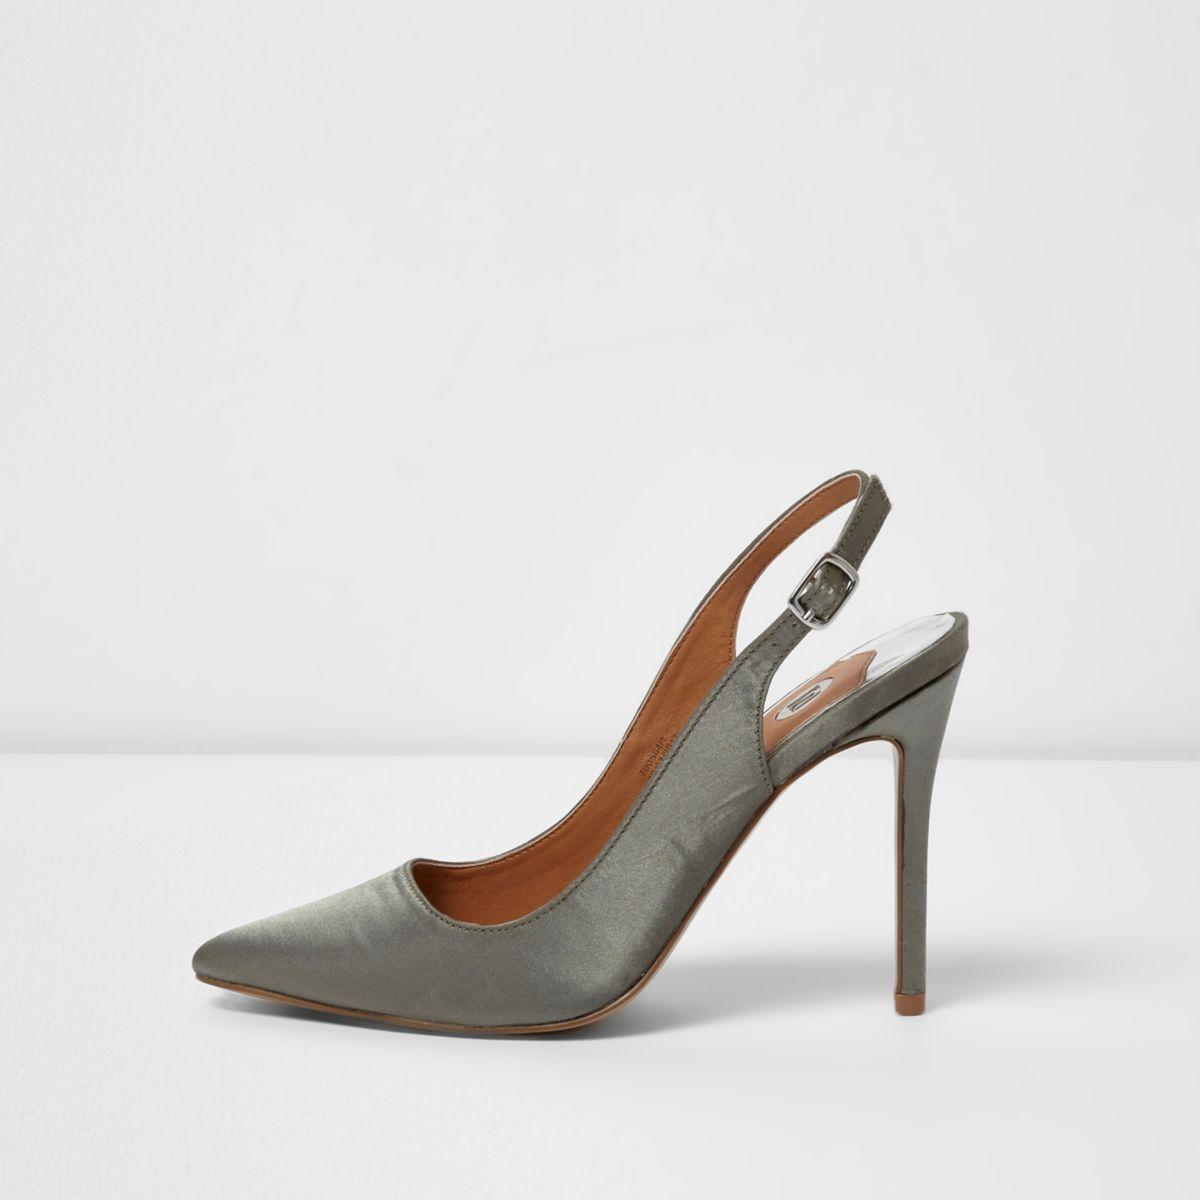 Khaki green satin slingback court shoes